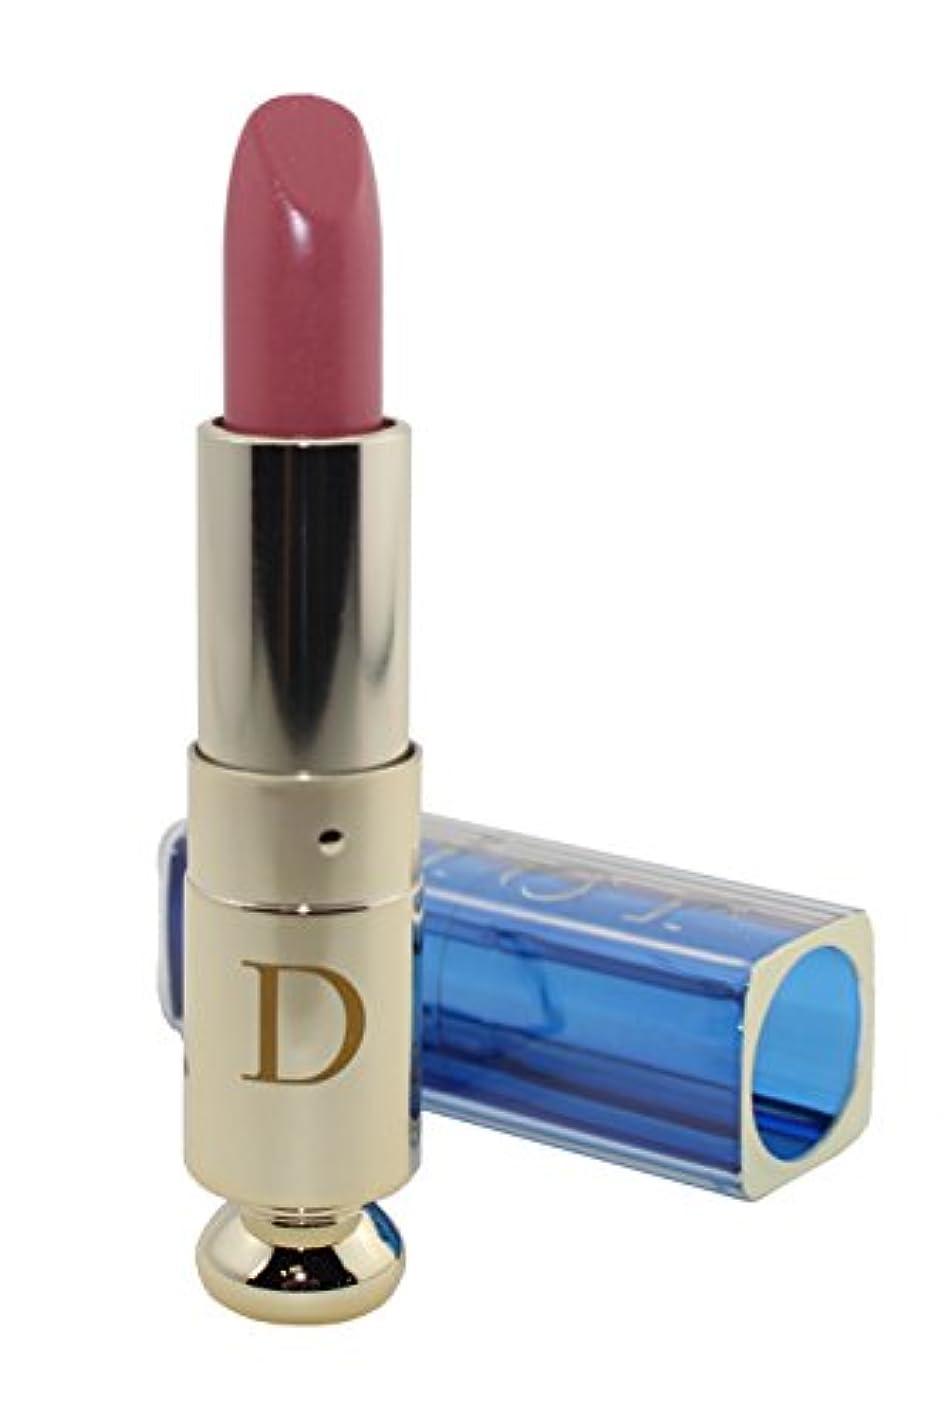 こだわり絶滅したウイルスDior Addict Ultra Shine Lipstick 256 Shiniest Softness(ディオール アディクト ウルトラ シャイン リップスティック 256 シャイニエストソフトネス)[海外直送品]...